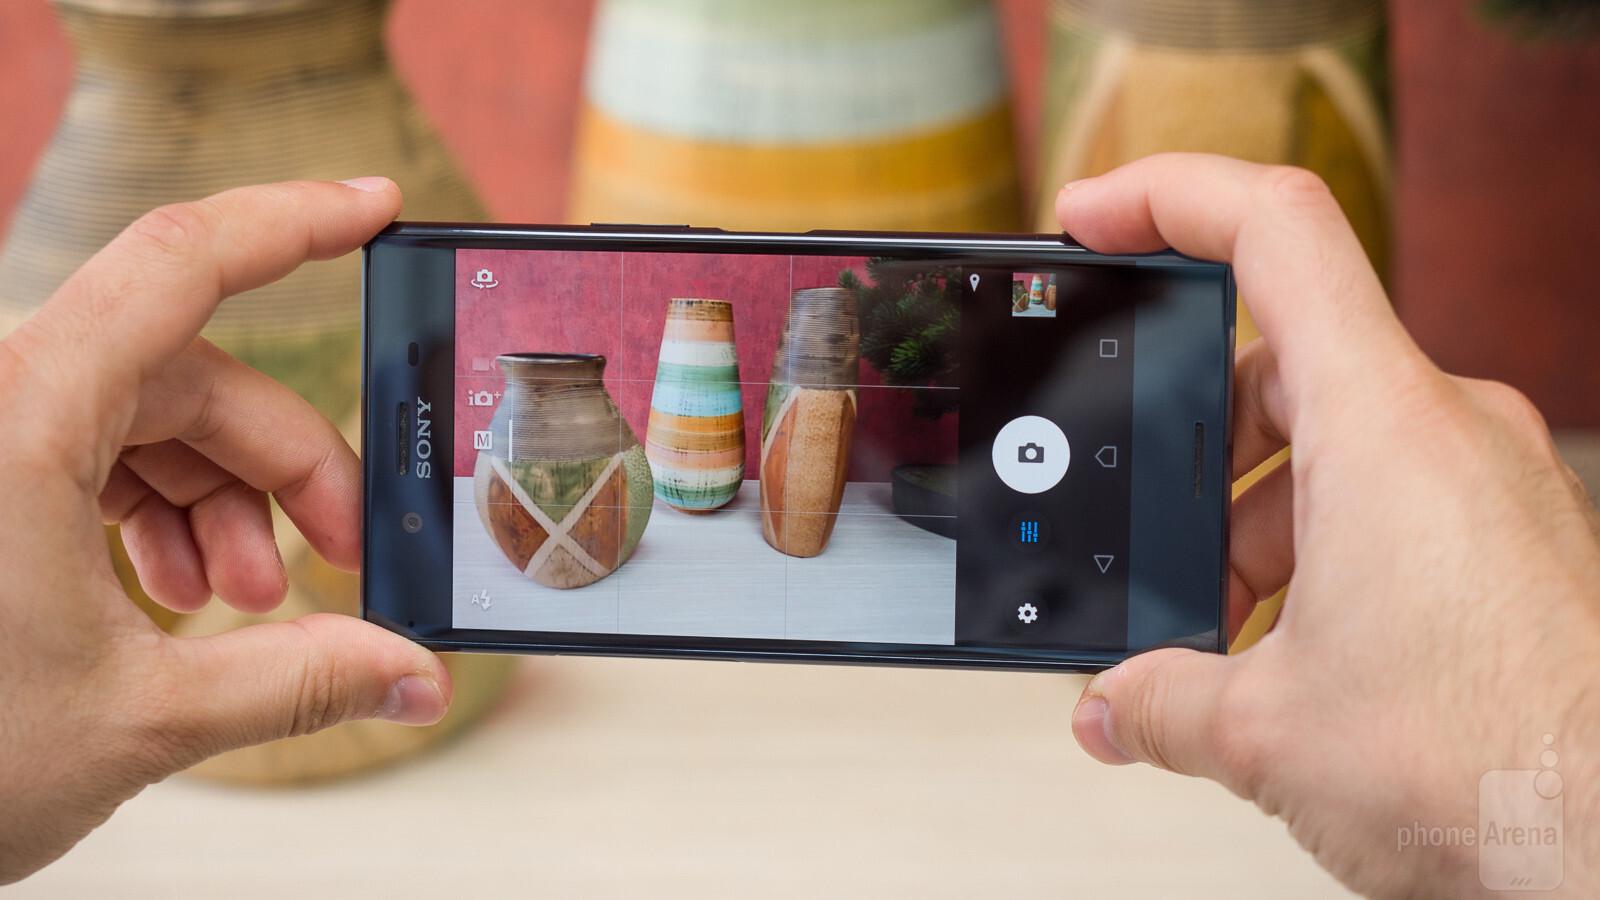 Sony Xperia XZ sở hữu cảm biến nhanh gấp 5 lần người tiền nhiệm, đem lại khả năng bắt tốc xuất sắc